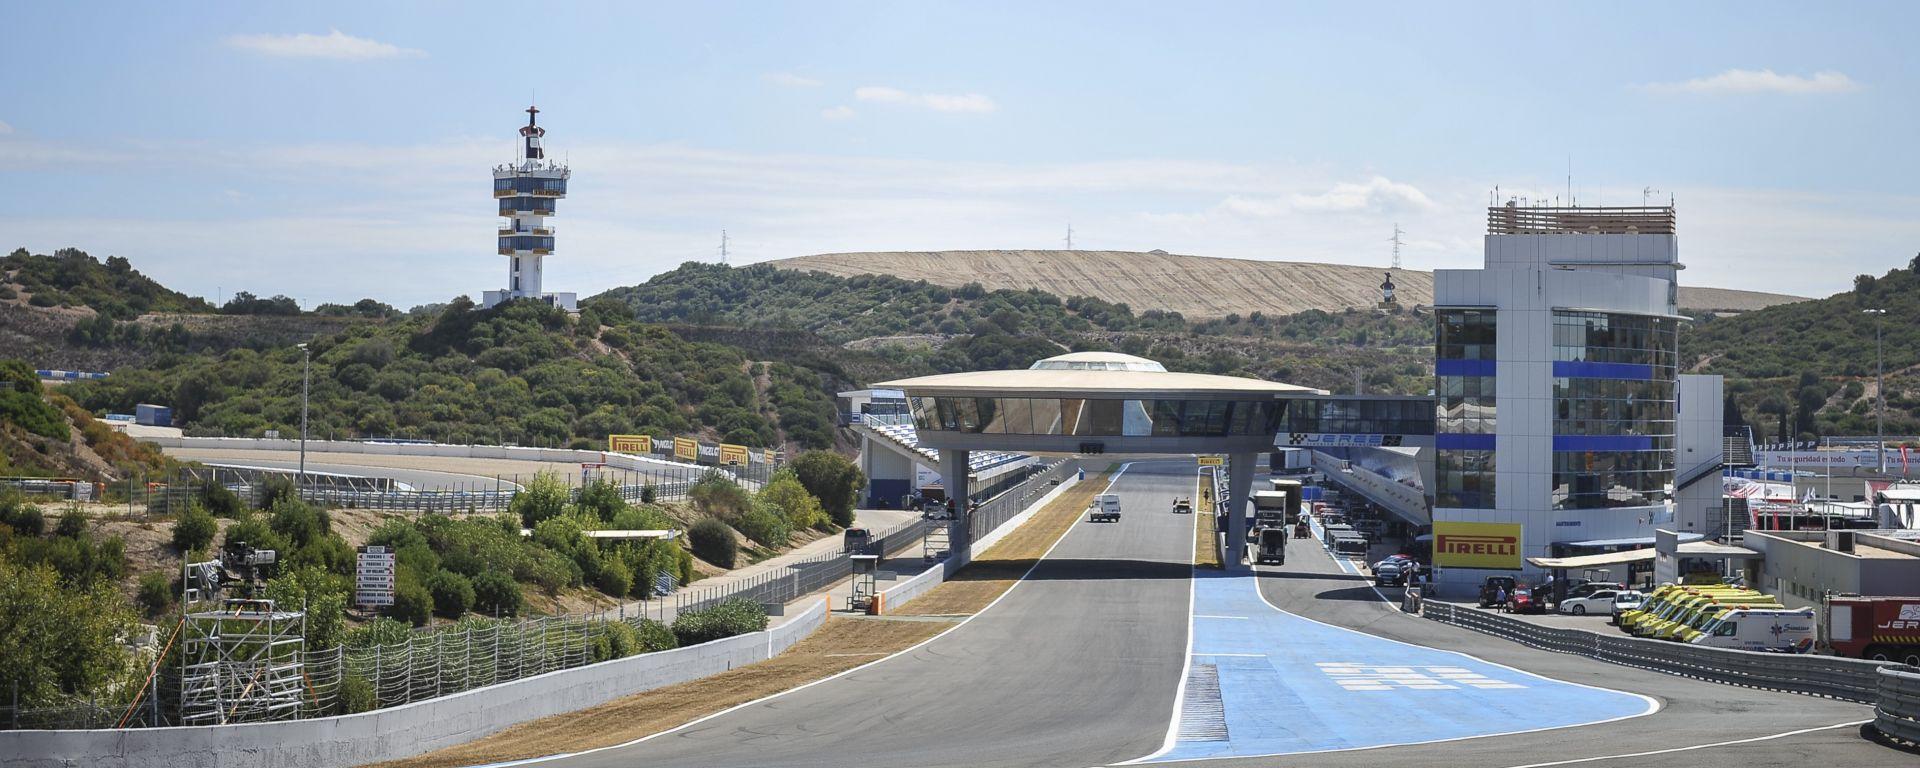 Superbike Jerez 2016: gli orari della diretta in TV, libere, qualifiche e gare